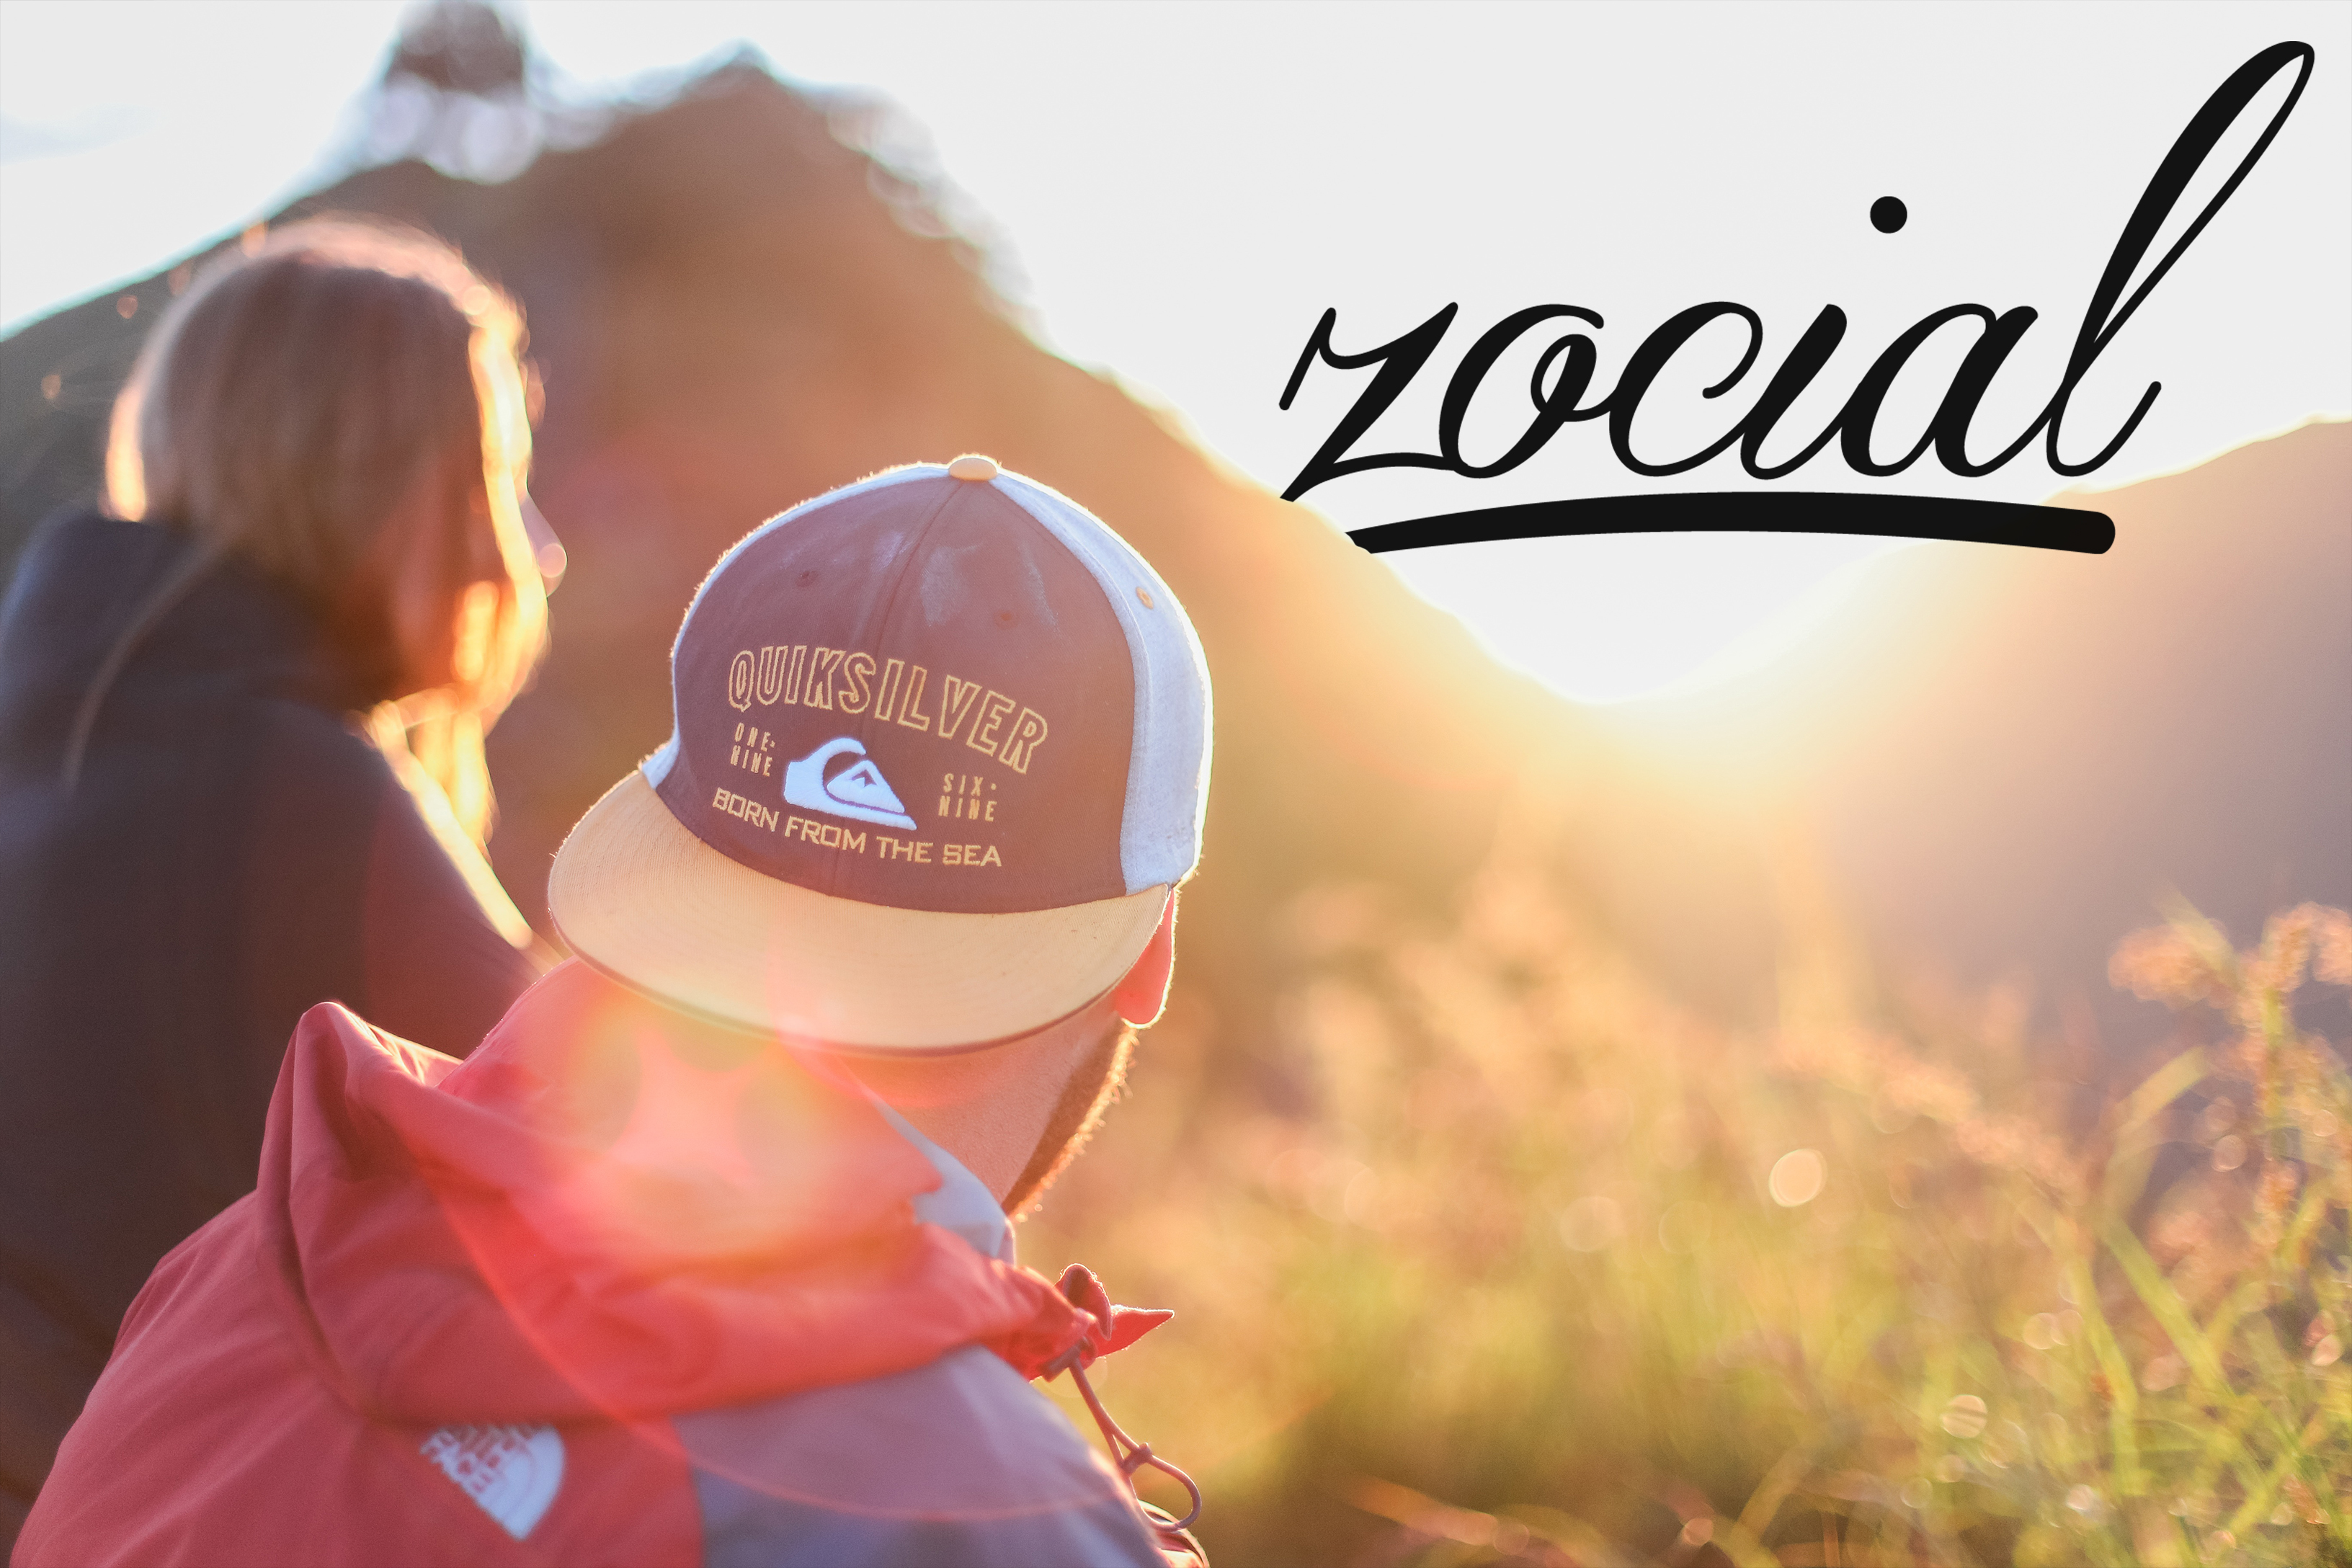 Zocial Social Media 2